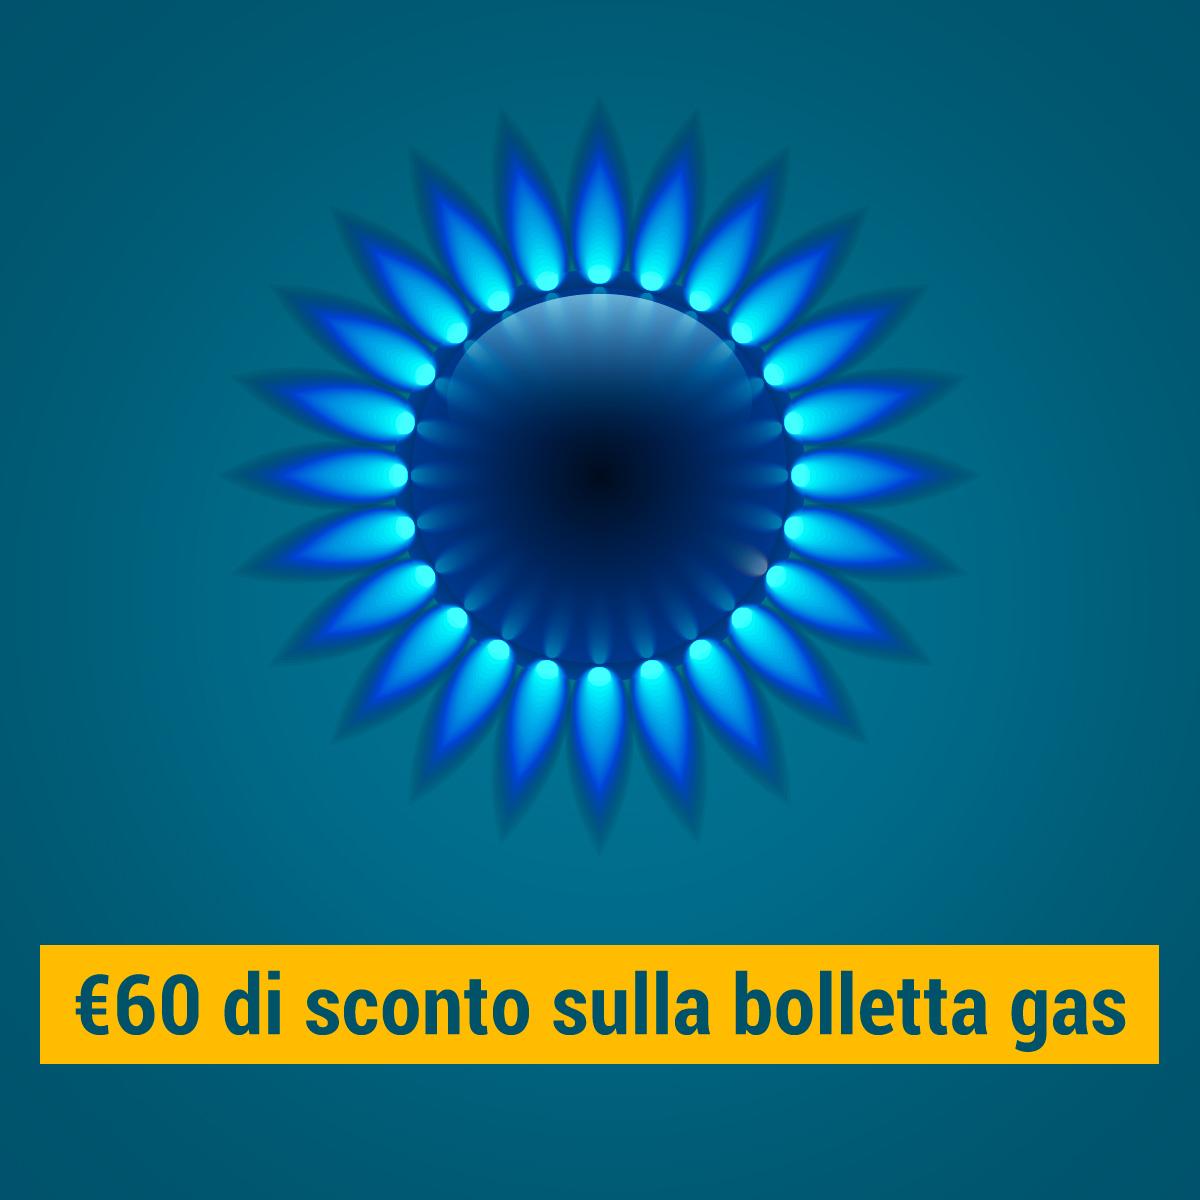 60 ANNI GAS